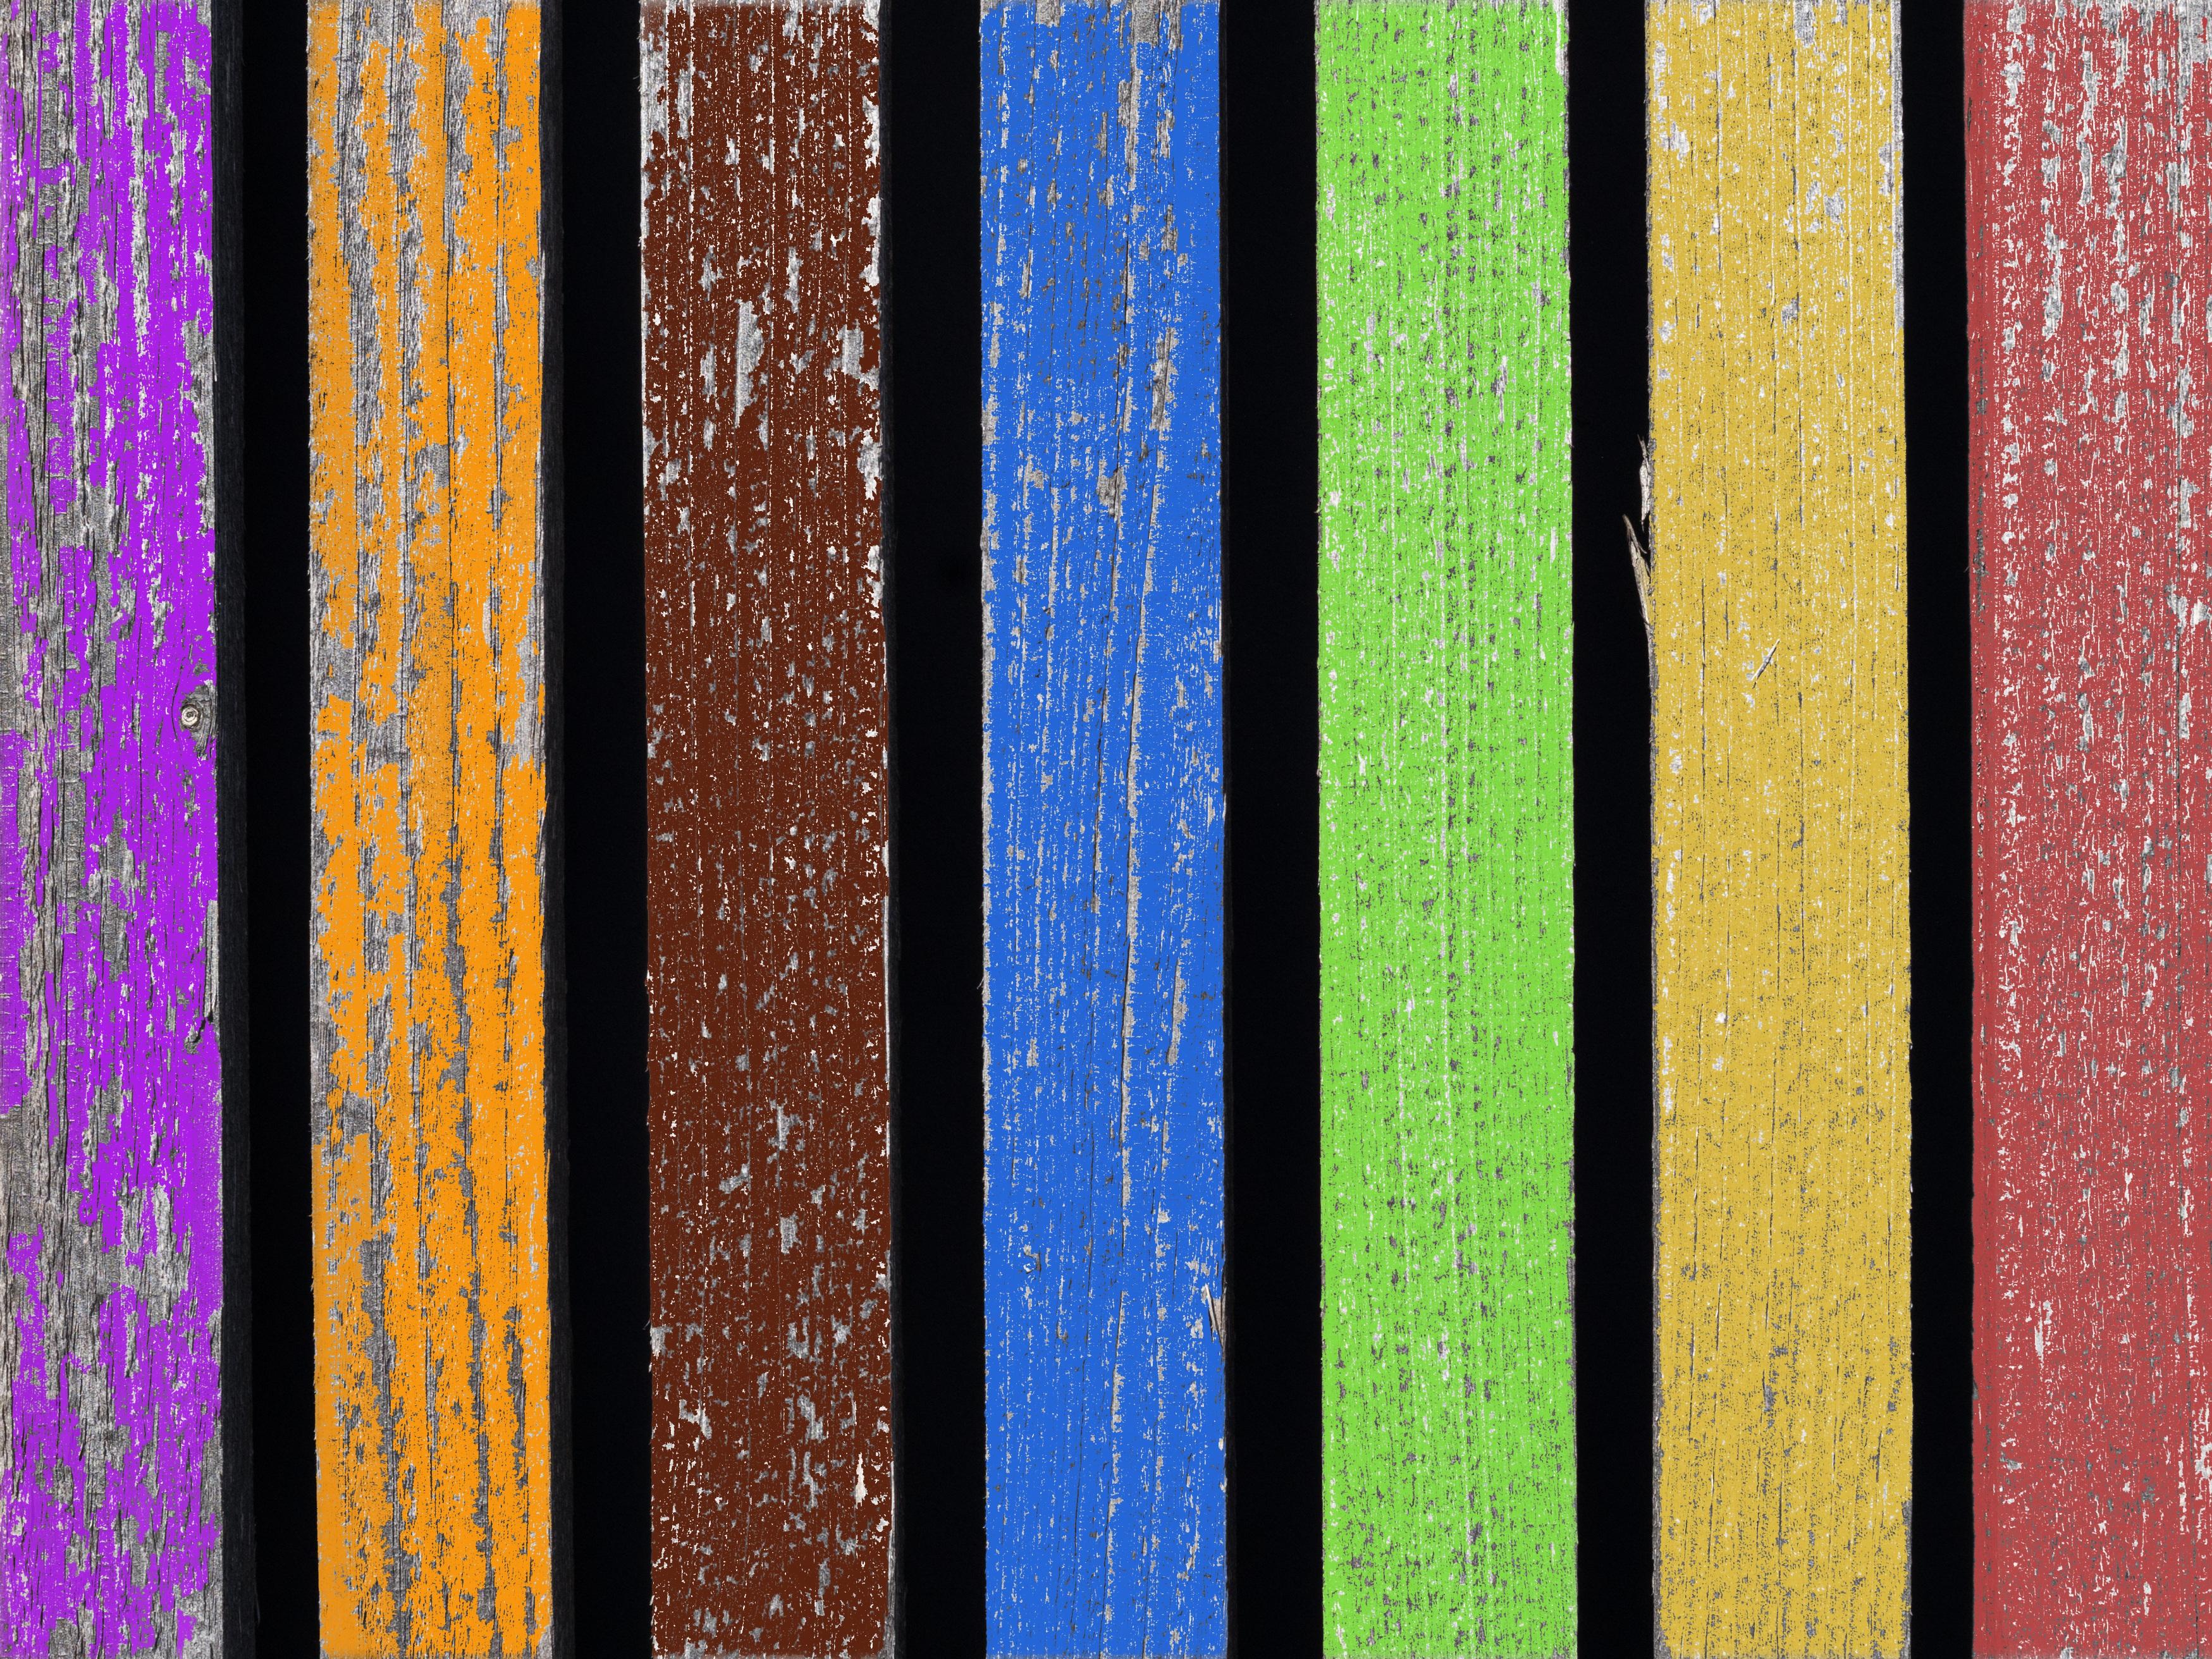 Fondo De Fiesta Diseño Decoracion Confeti Arte Patrón: Fondo De La Hoja De Material De Decoracion DIGITAL ART